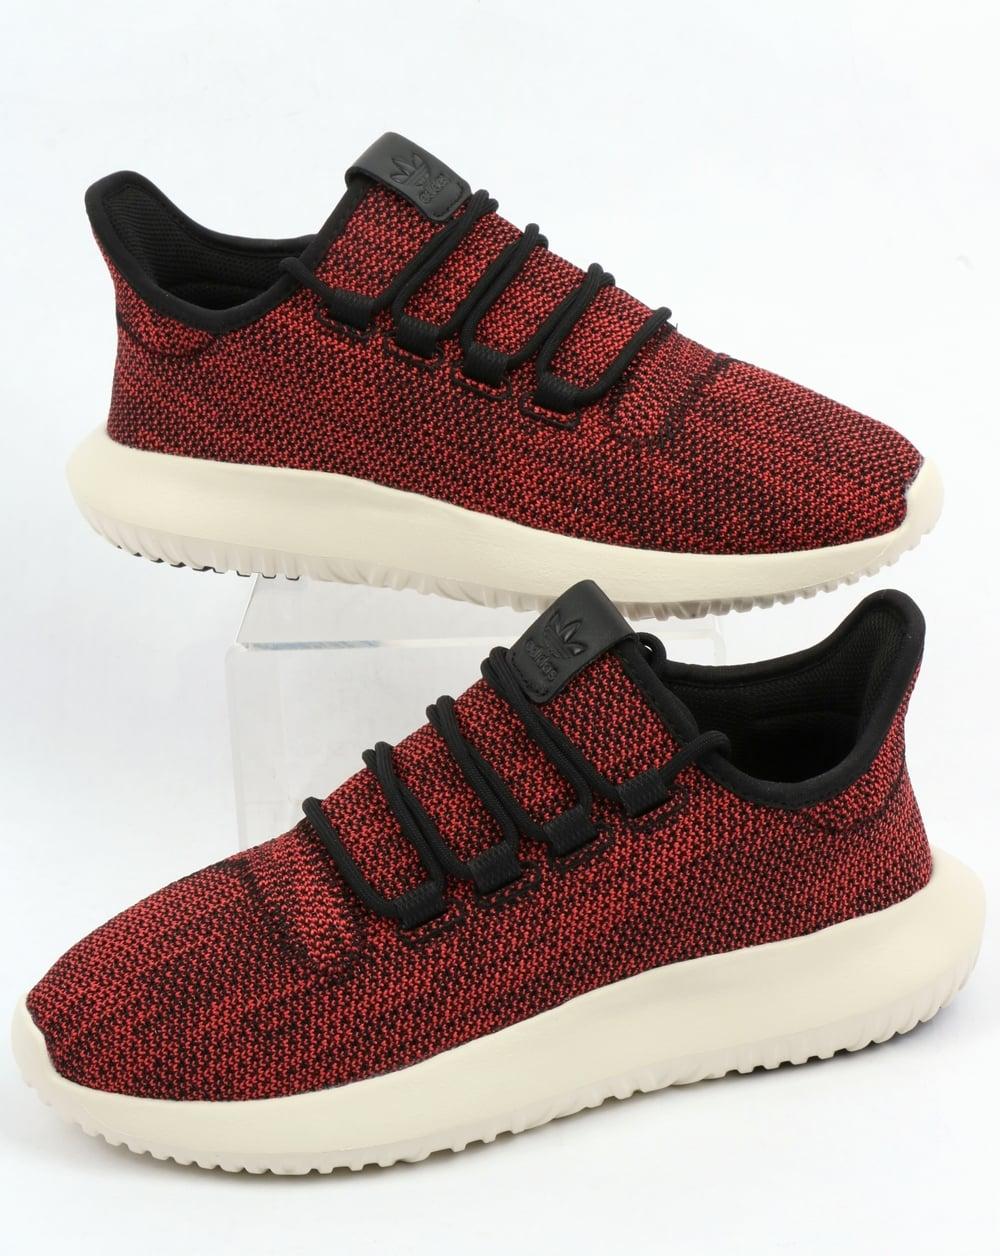 1d3504ecd625 Adidas Tubular Shadow CK Trainers Black Scarlet